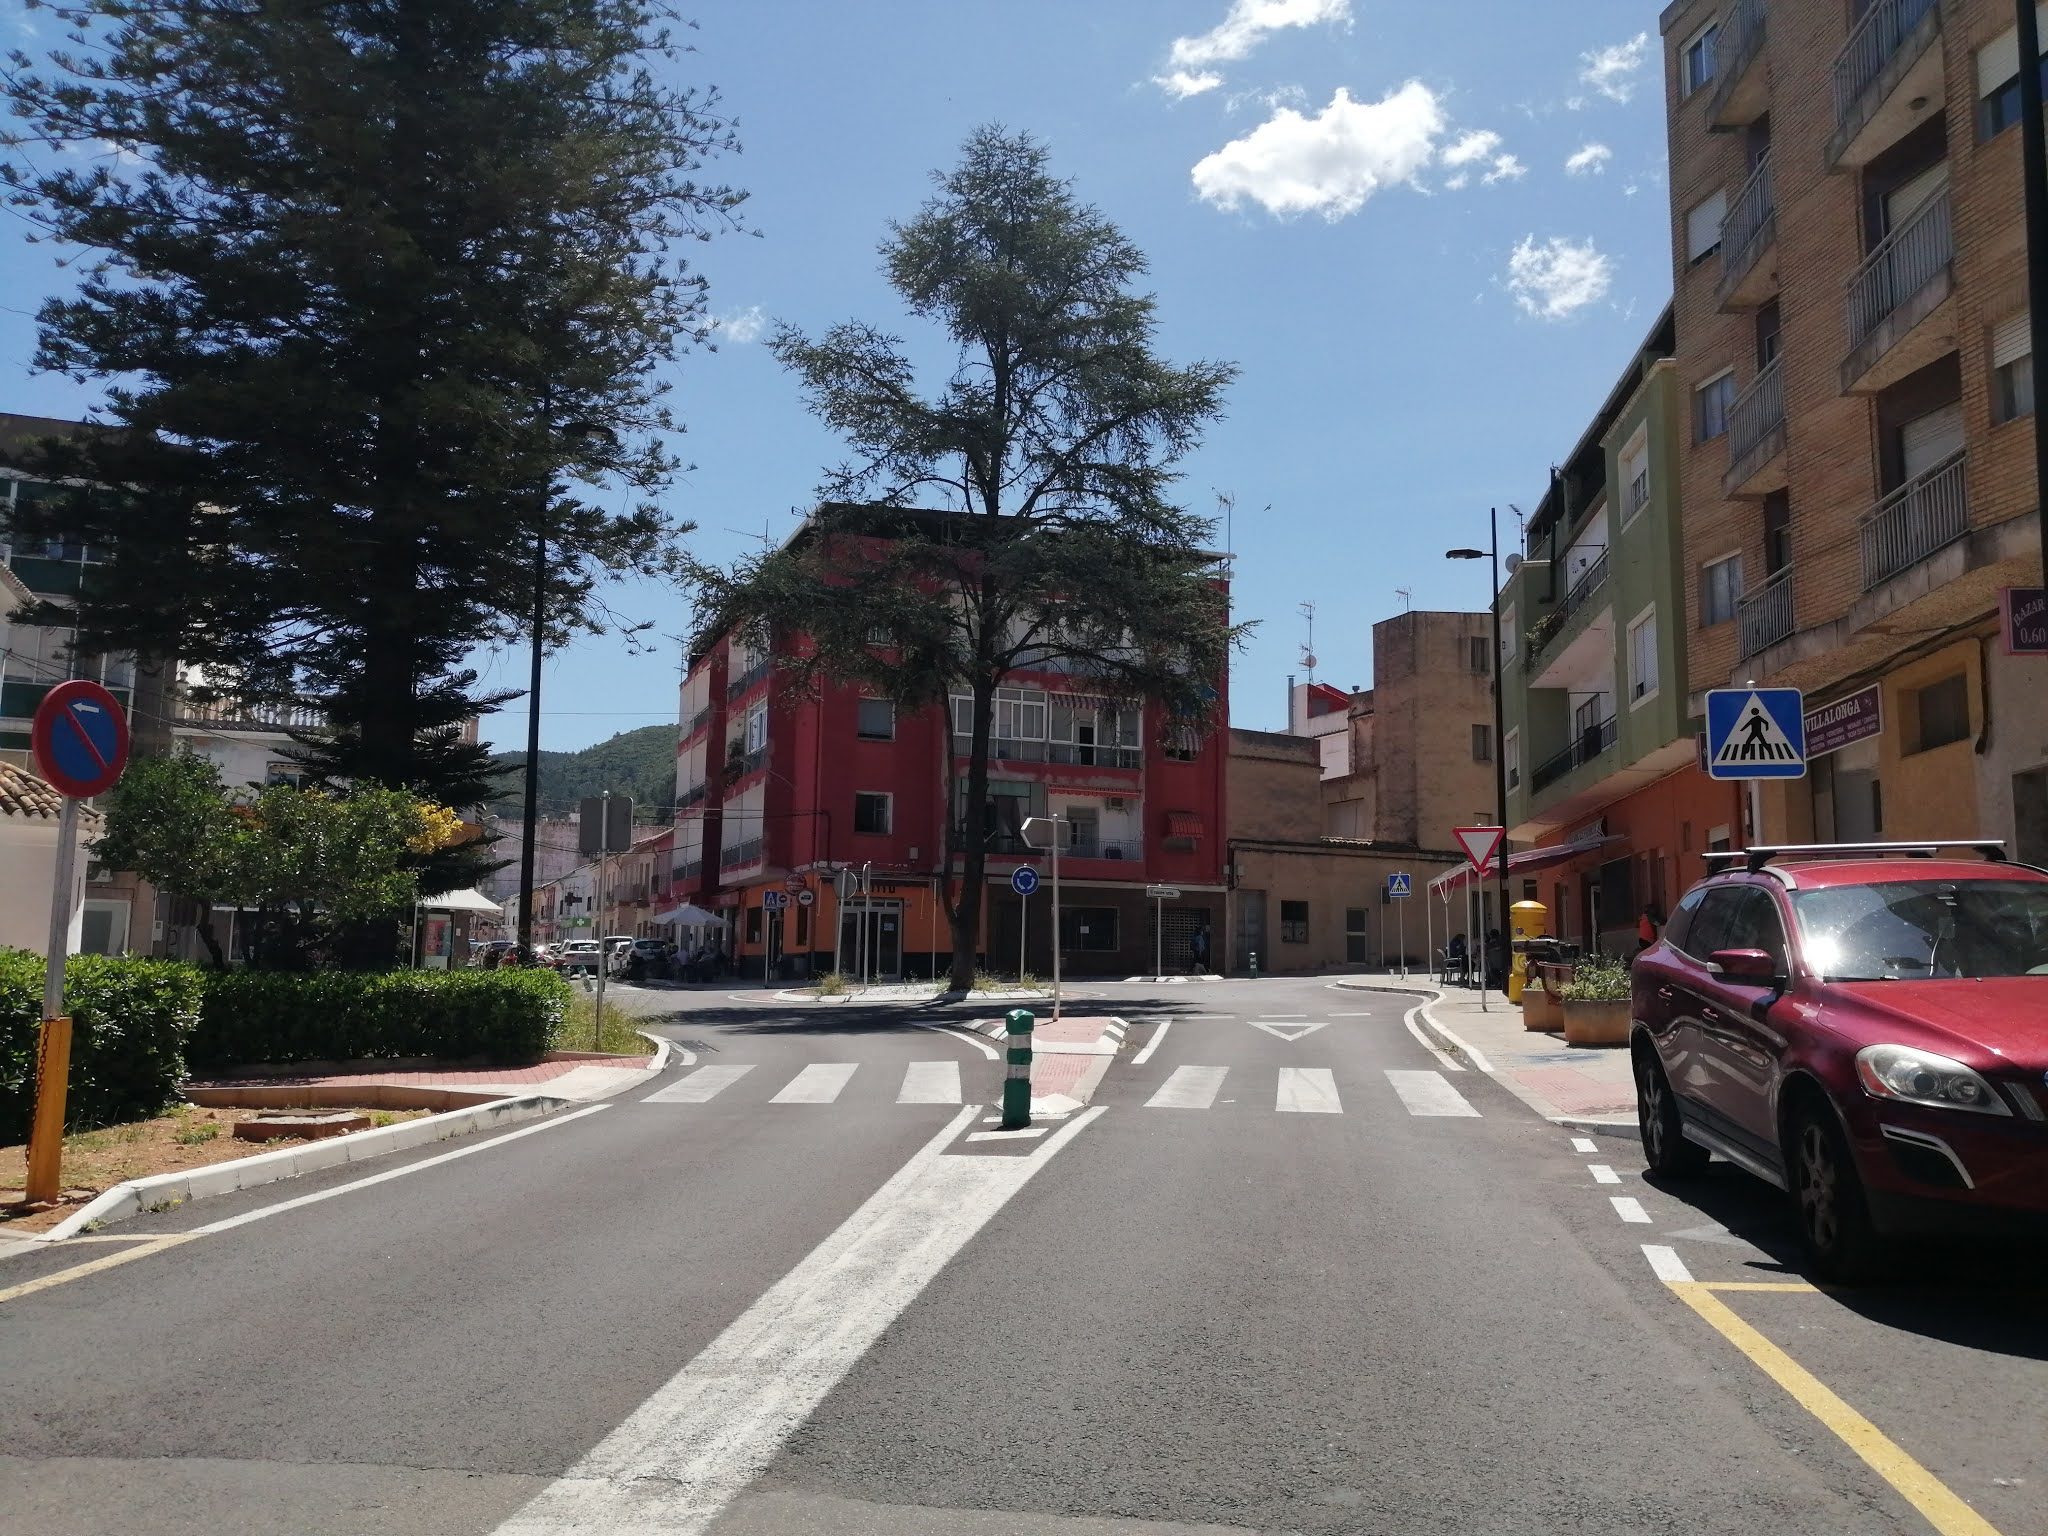 Carrer de Ador in Villalonga, Valencia, Spain